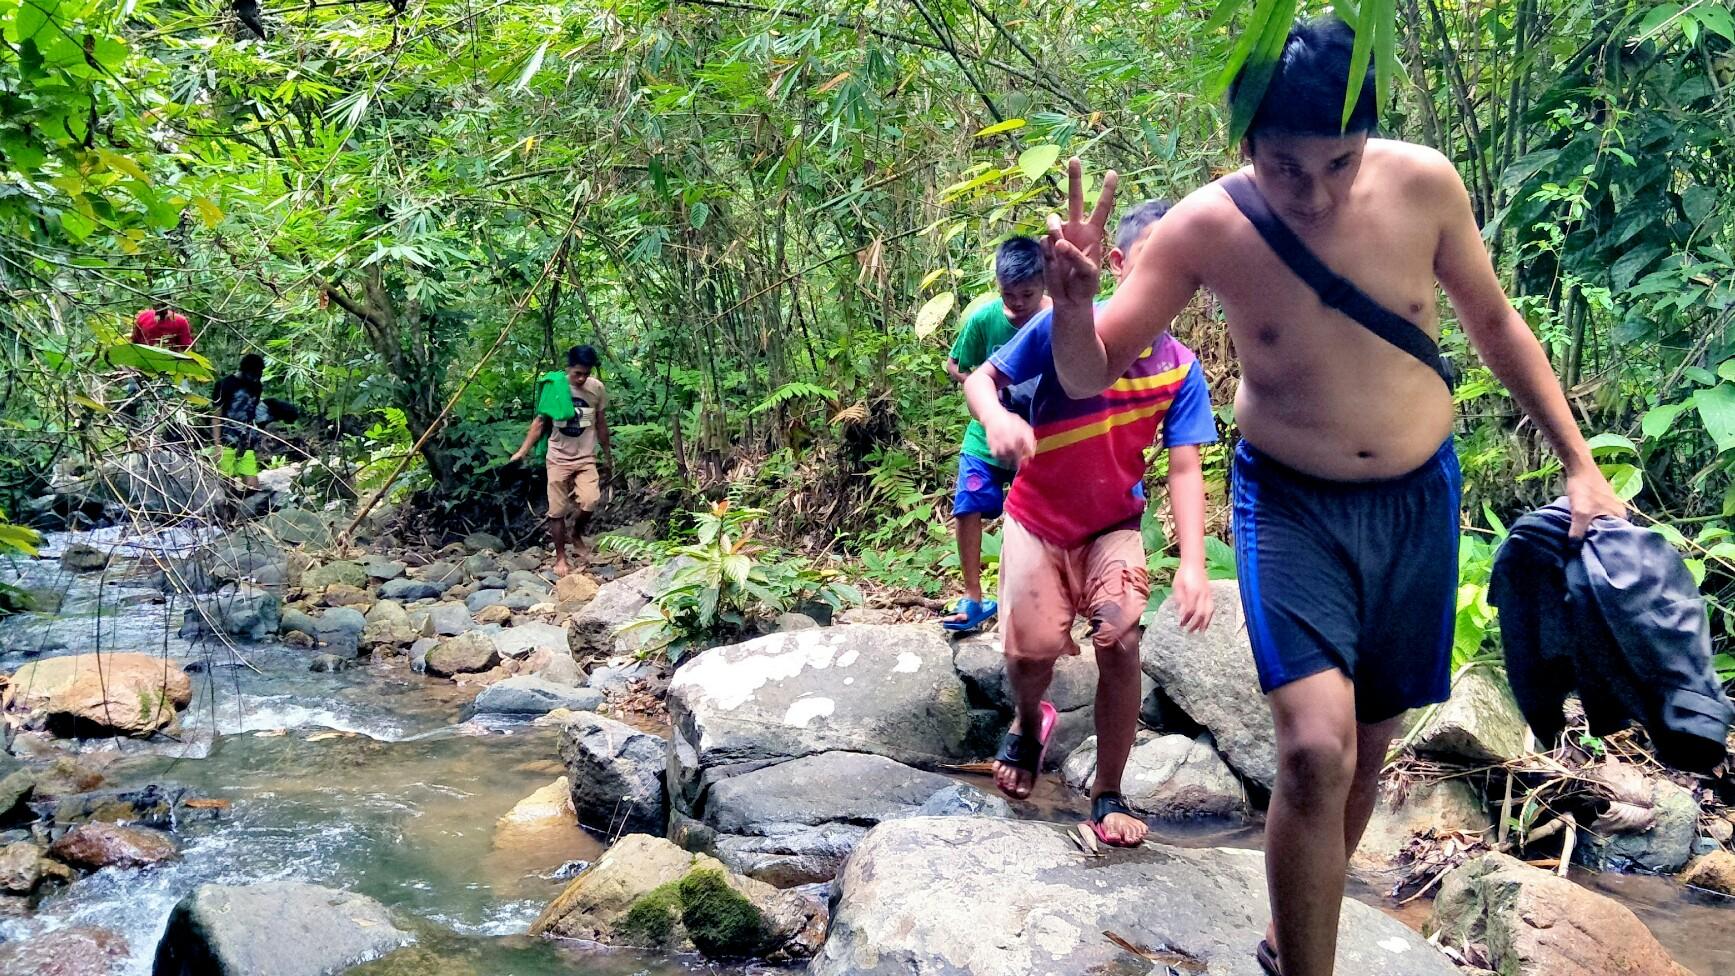 Perubahan Suhu di Pesisir Selatan Tidak Menggangu Aktivitas Masyarakat